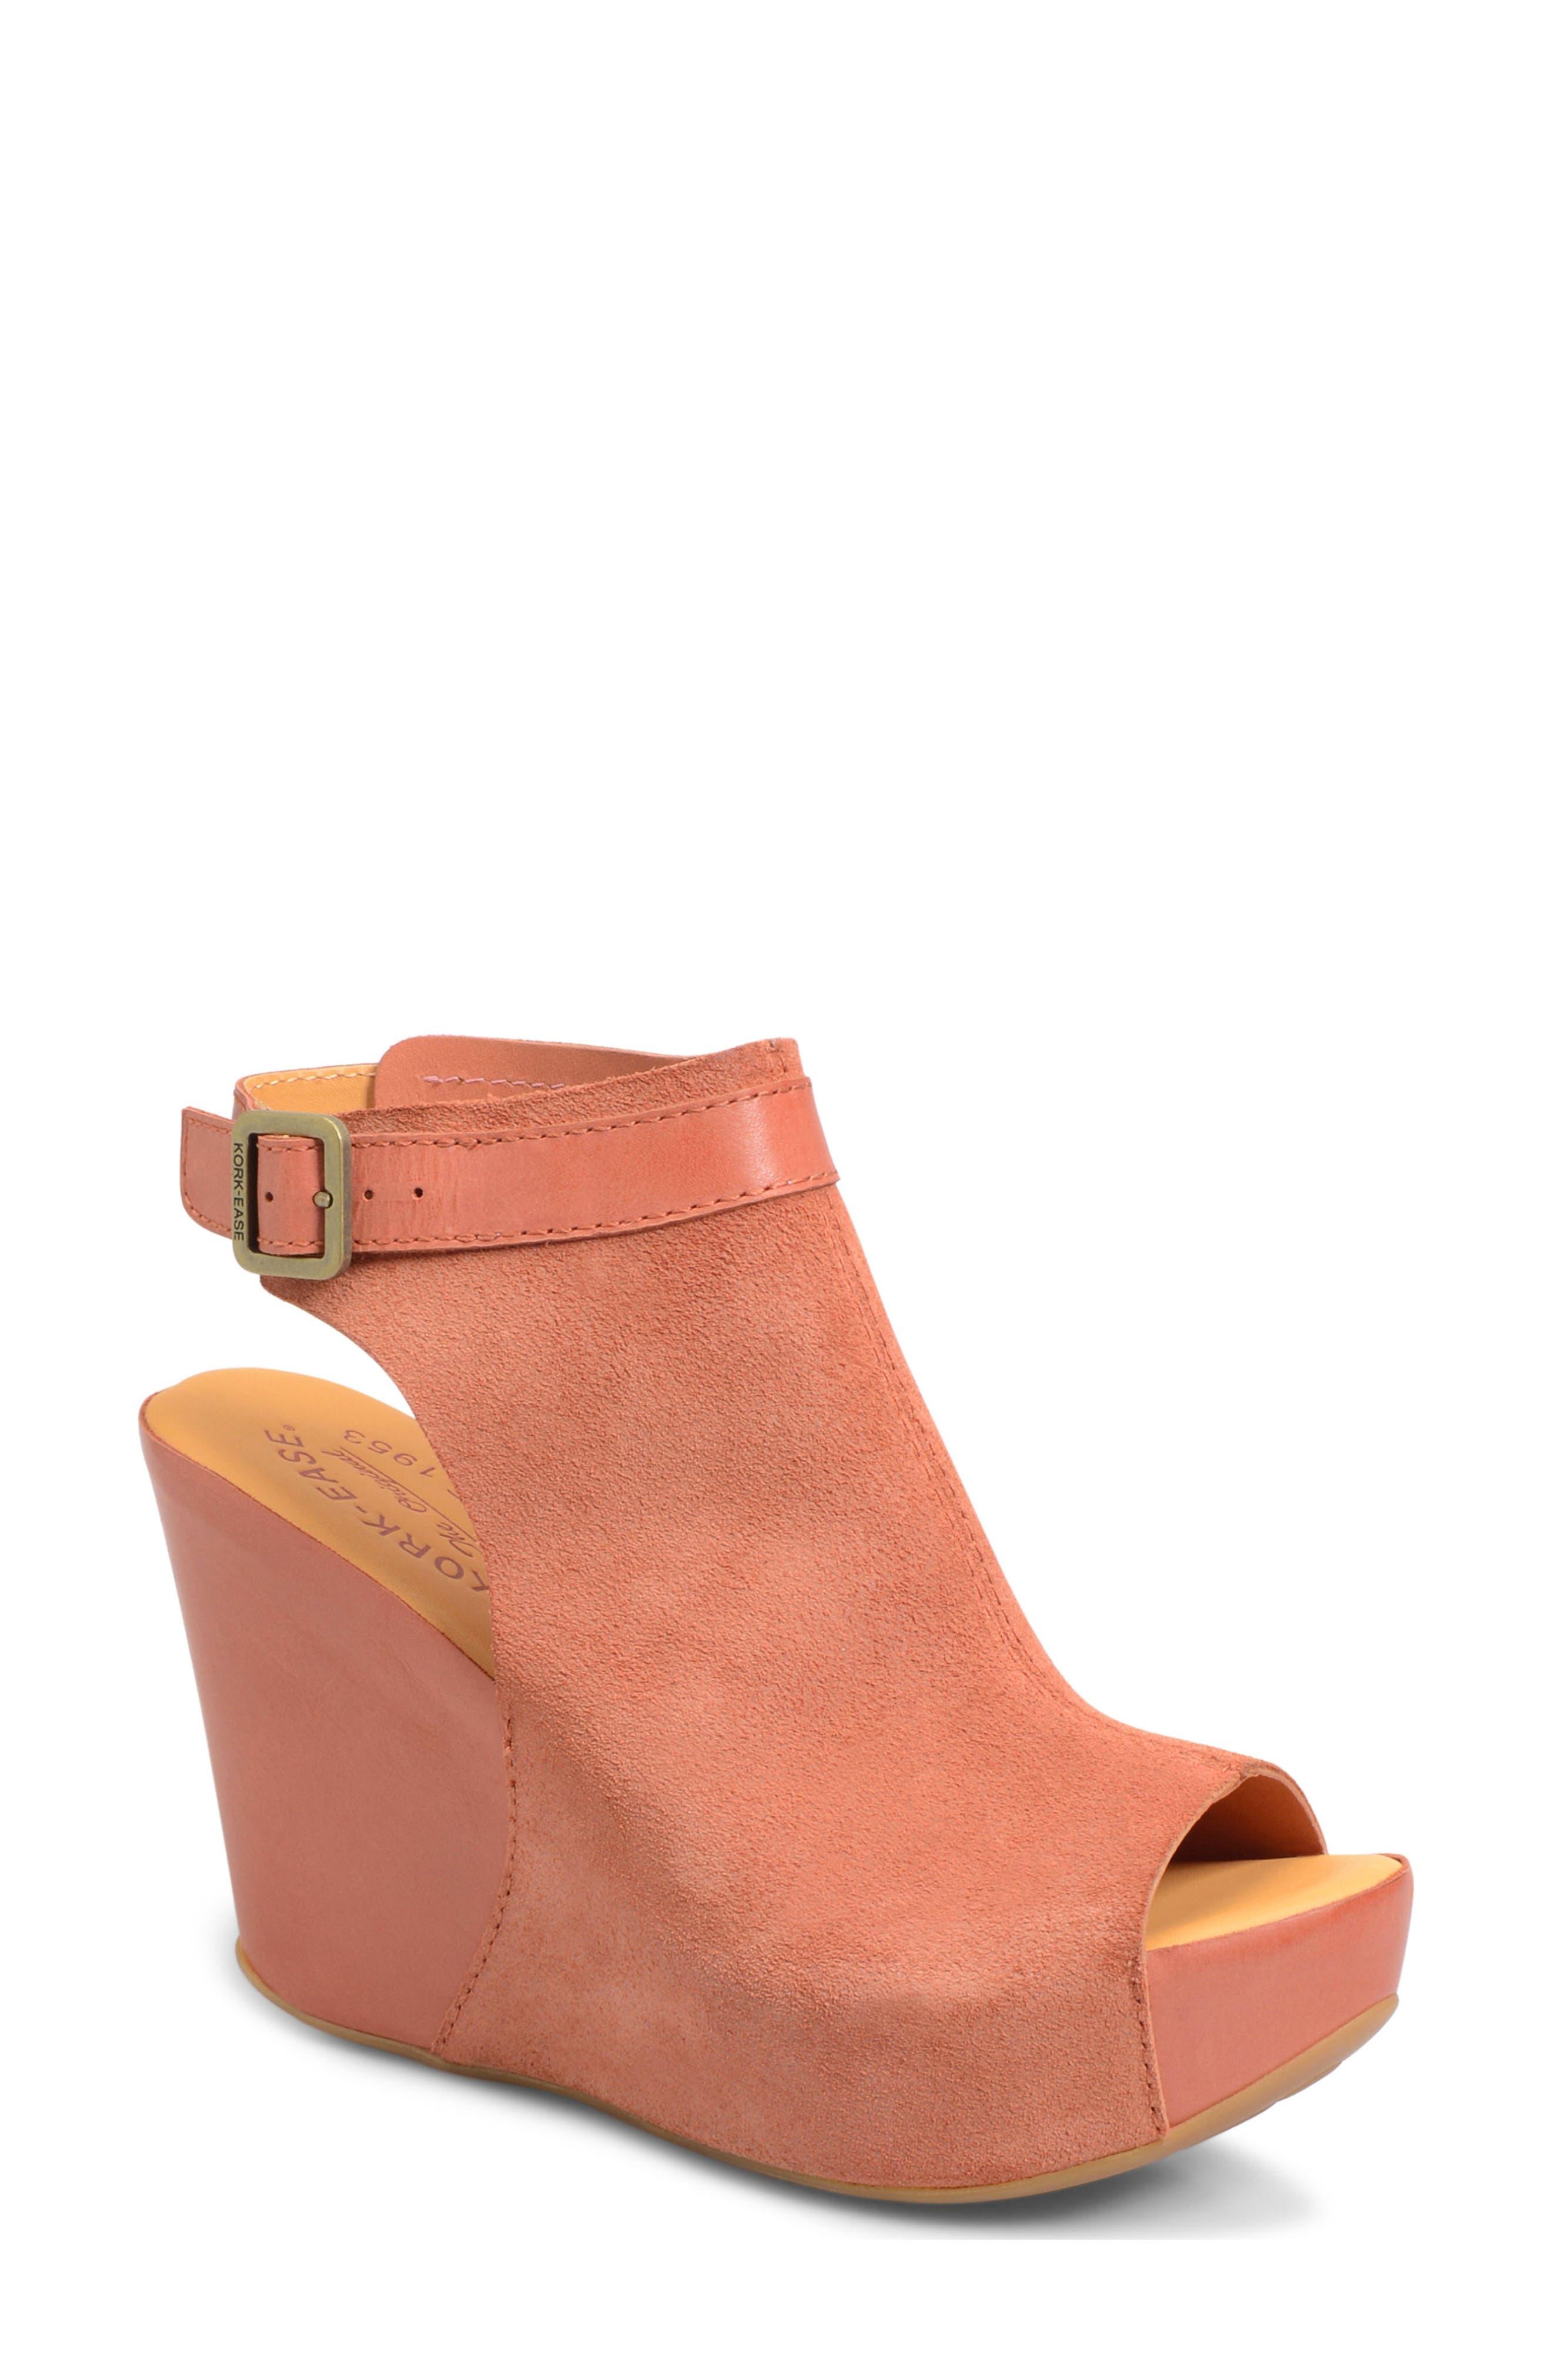 Alternate Image 1 Selected - Kork-Ease® 'Berit' Wedge Sandal (Women)